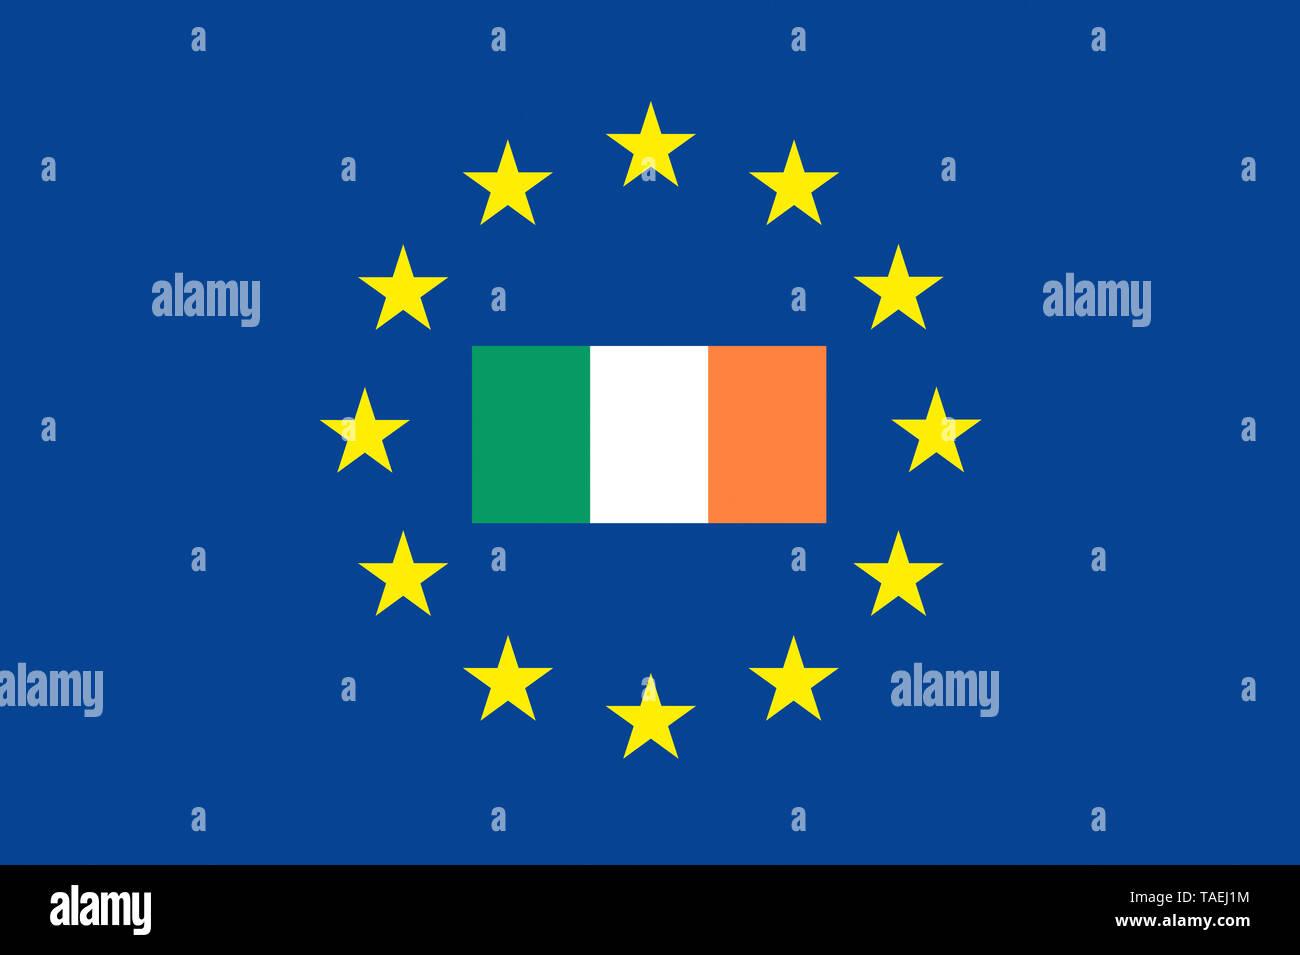 EU-Zeichen mit der Flagge von Irland, die Sterne schützen das Land, Symbolfoto für Europa - Stock Image